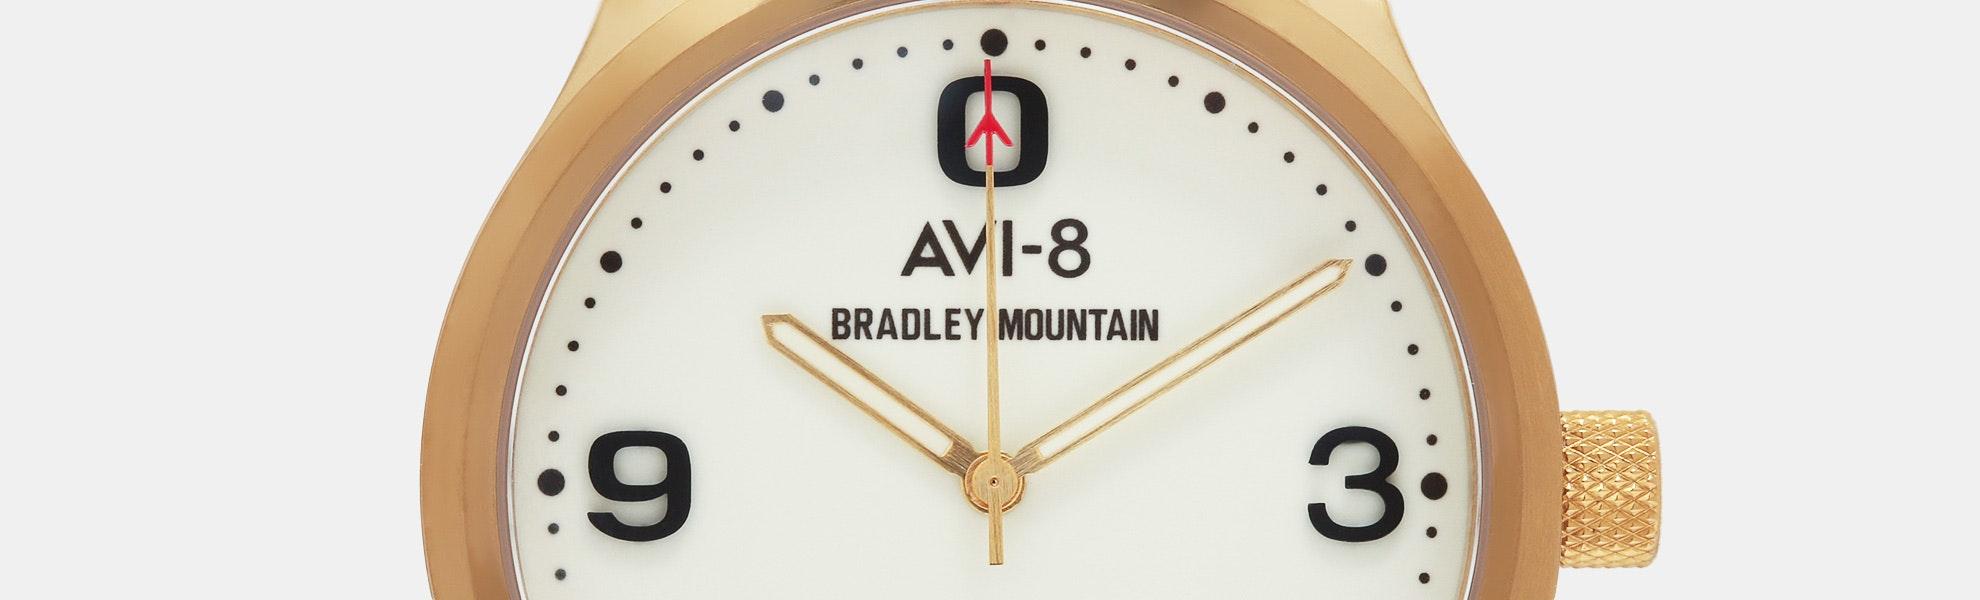 Bradley Mountain x AVI-8 Aviator Automatic Watch